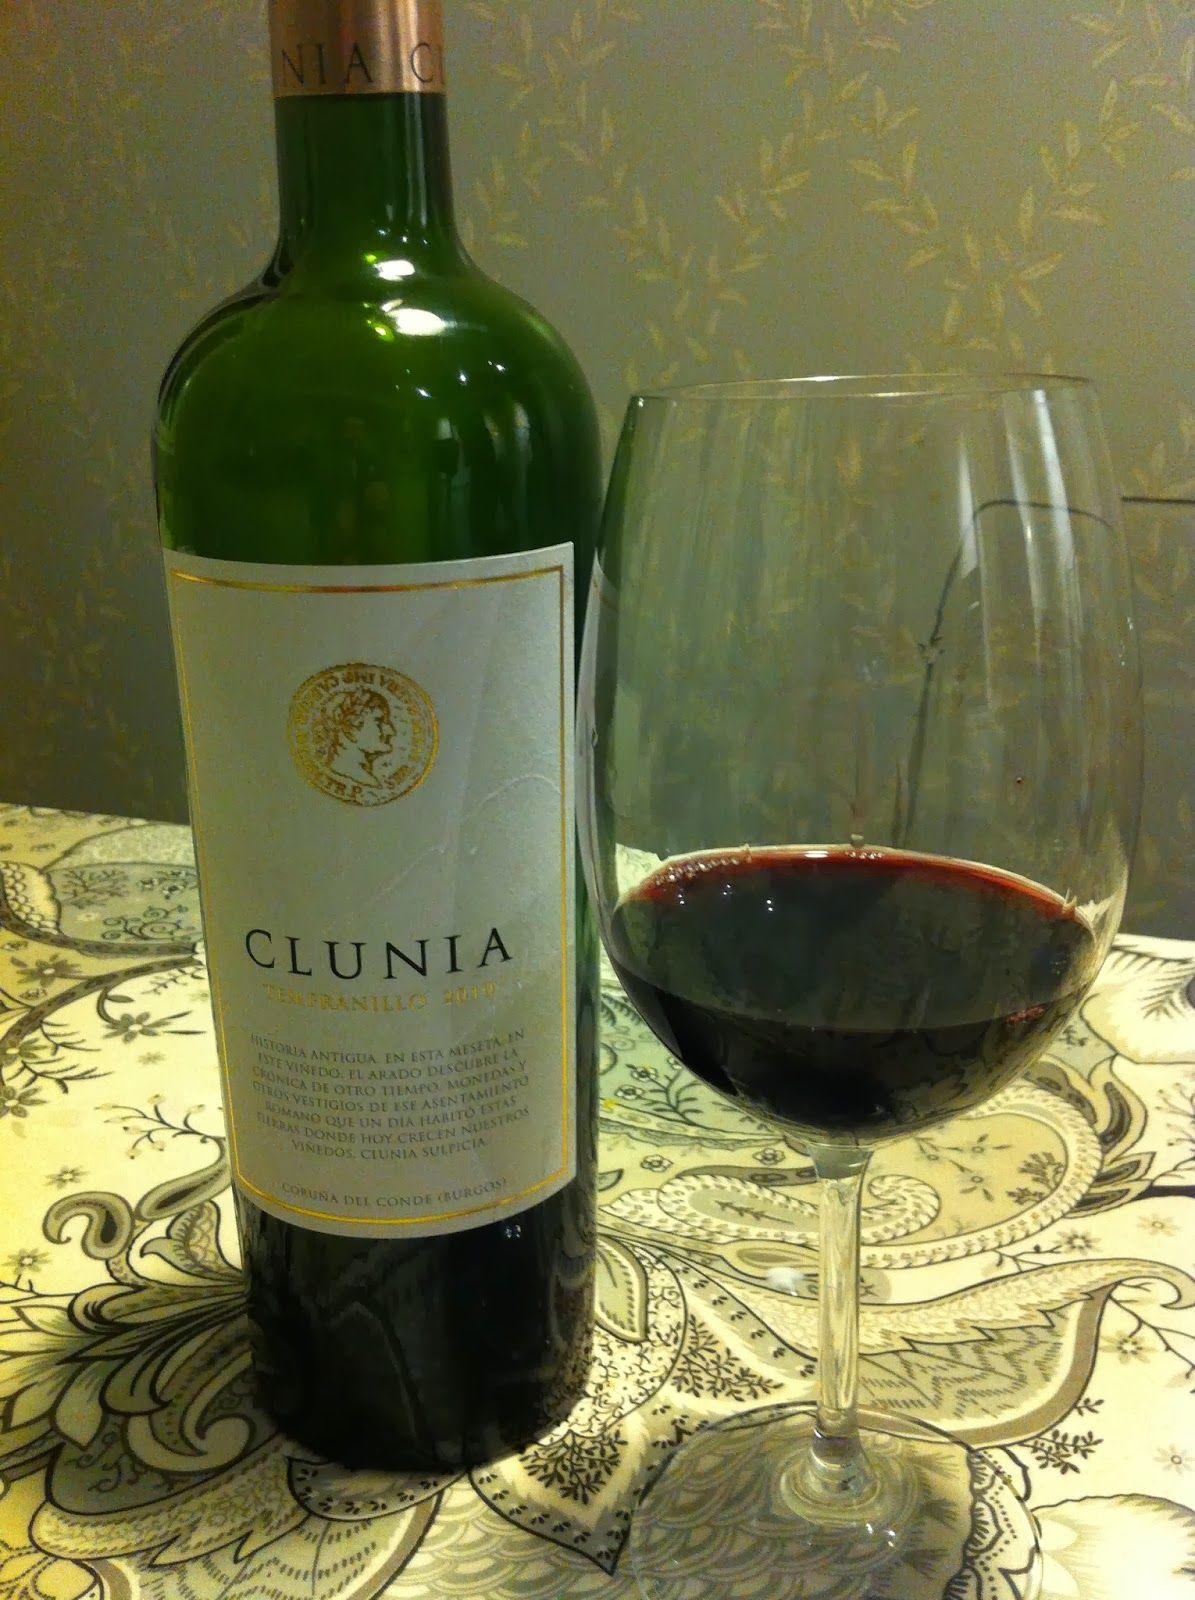 Mi Blog de Vinos: Clunia Tempranillo 2010